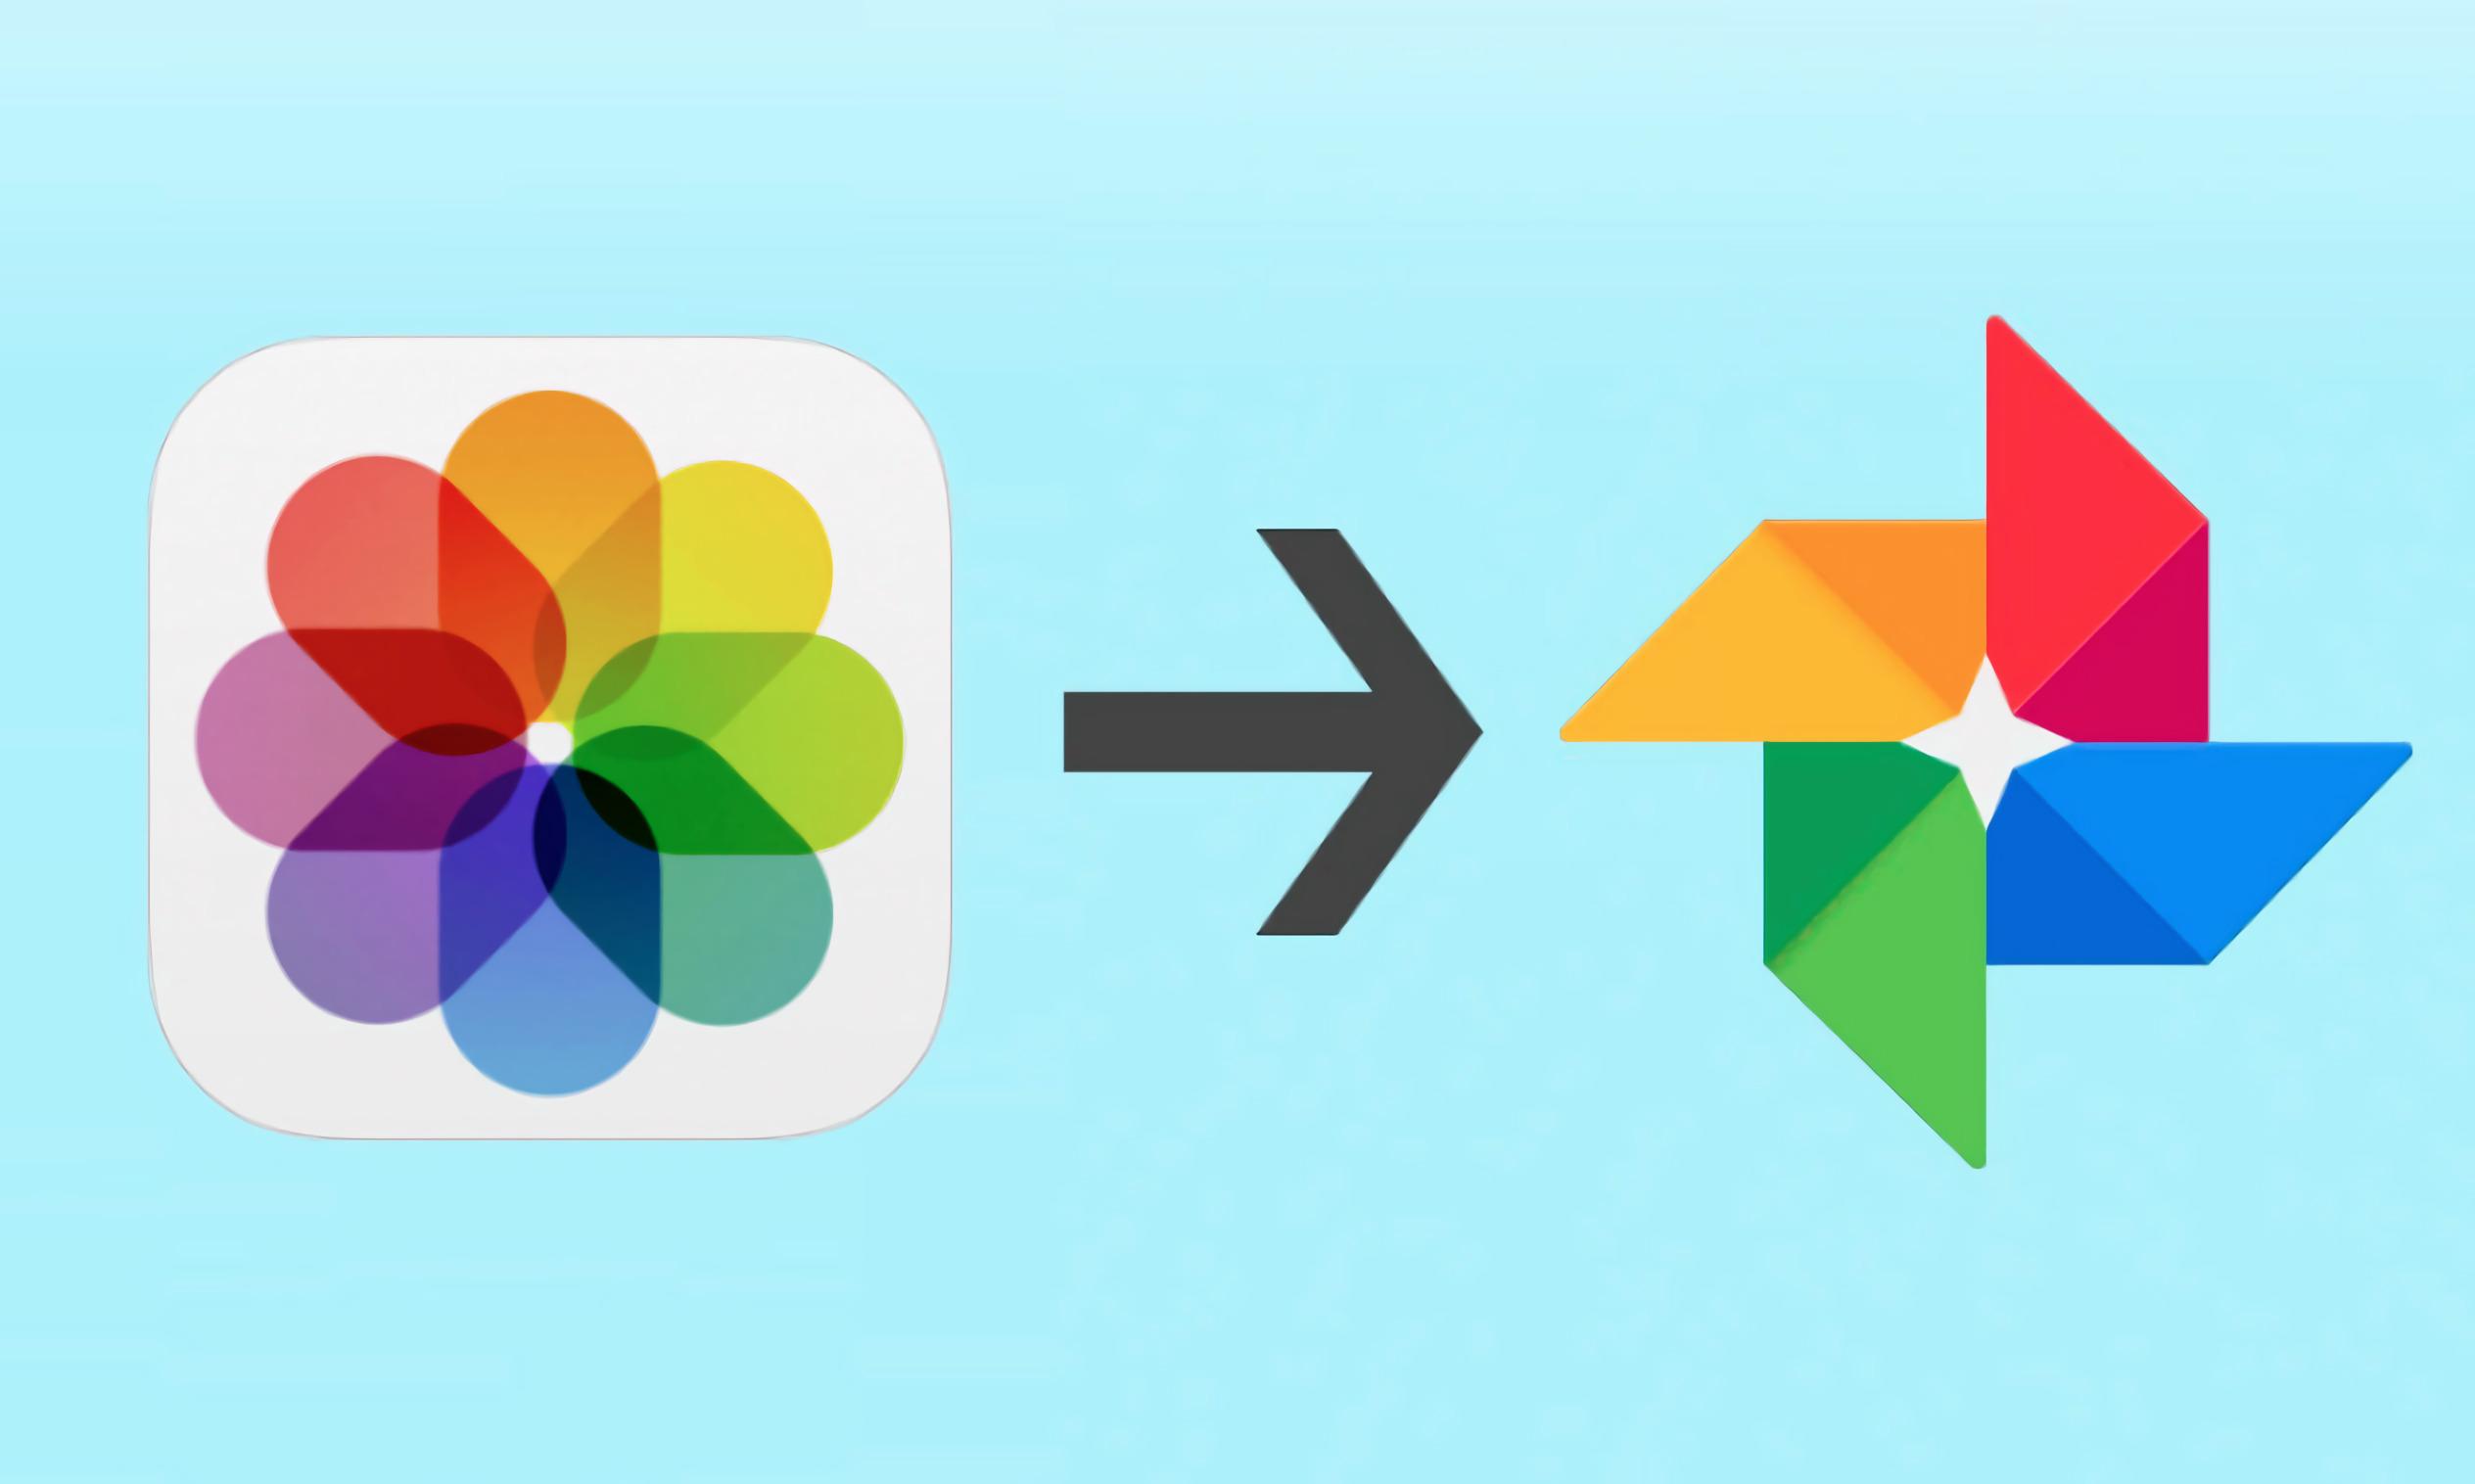 icloud google photos apple